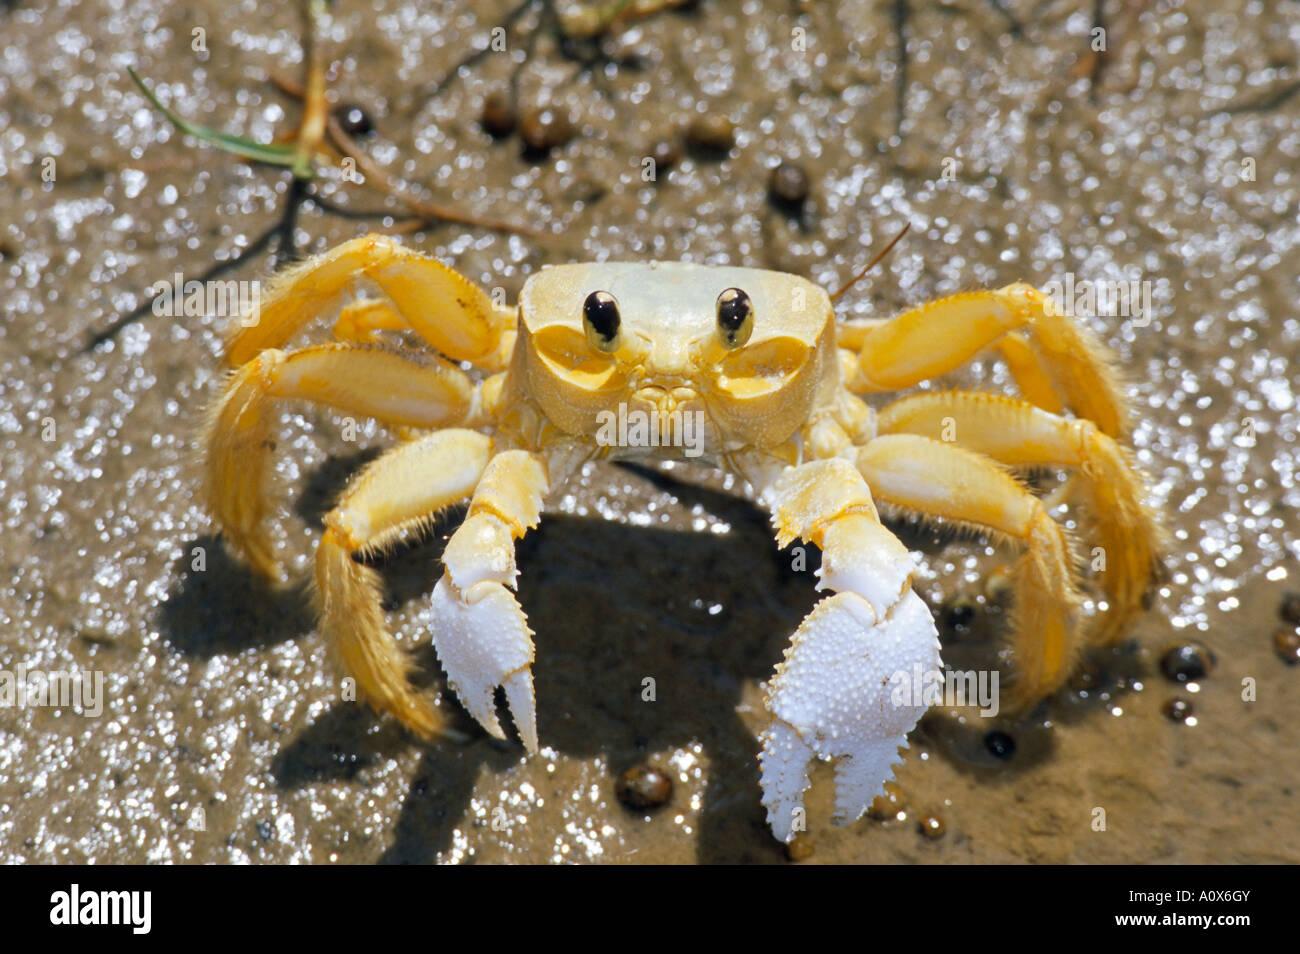 Ghost crab also known as sand crab genus Ocypode Parque Nacional dos Lencois Maranhenses Atins Lencois Maranhenses - Stock Image